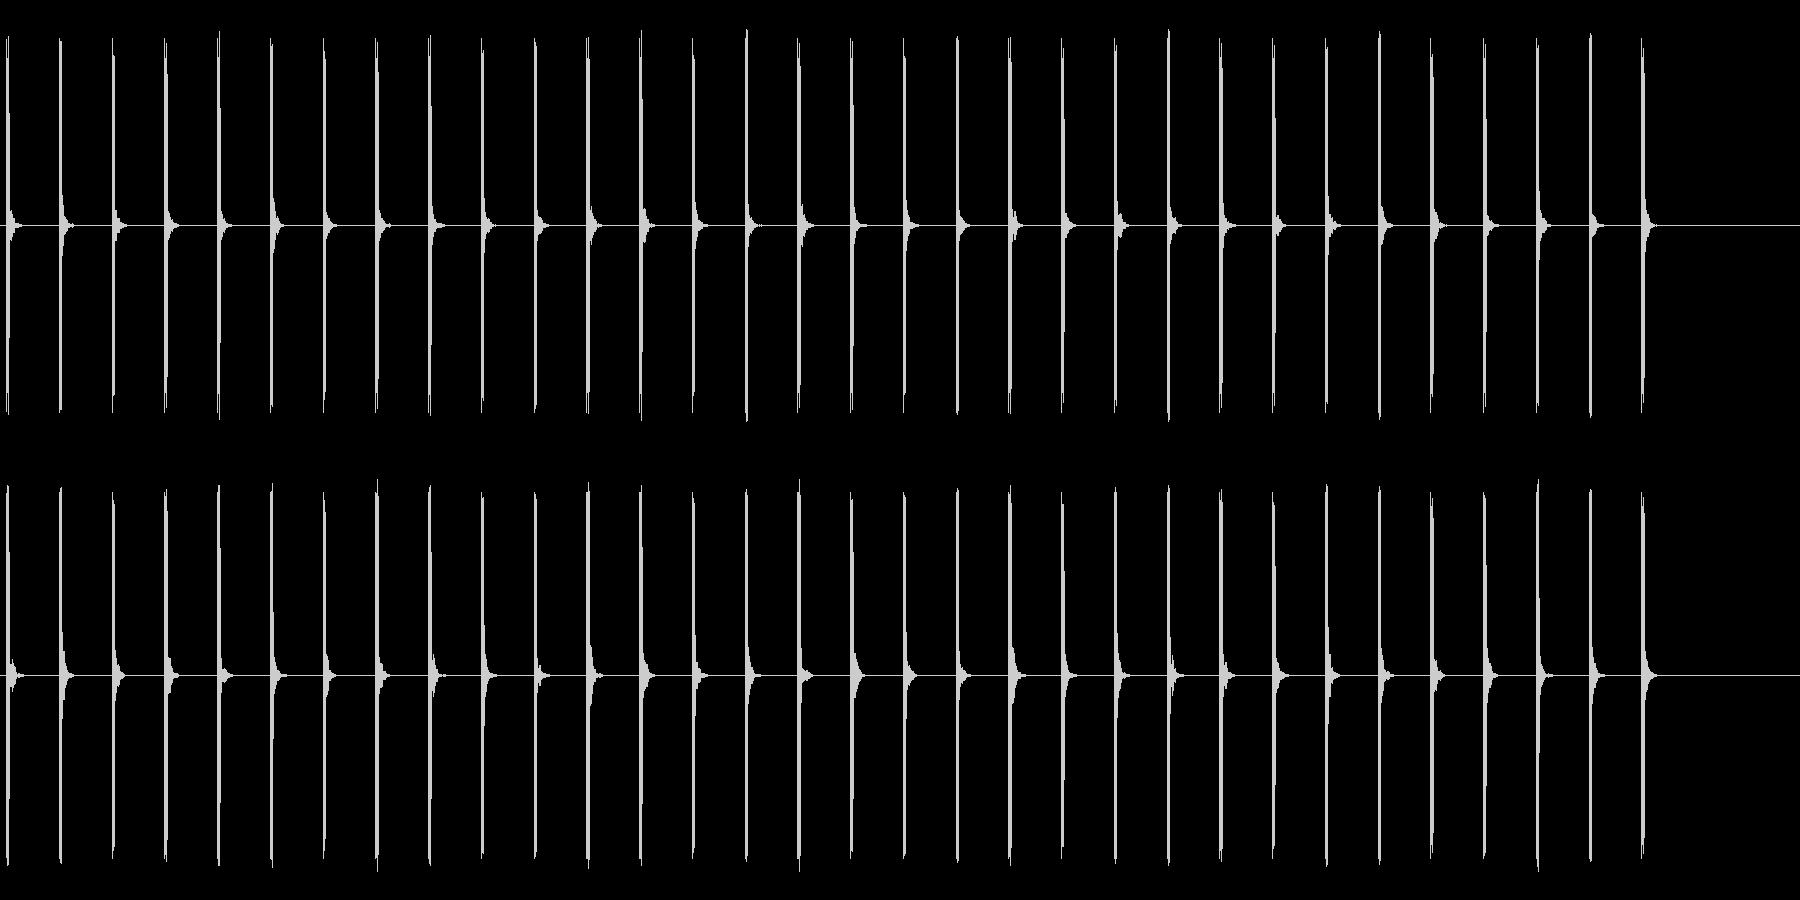 心電図の音-5-1(BPM40)の未再生の波形